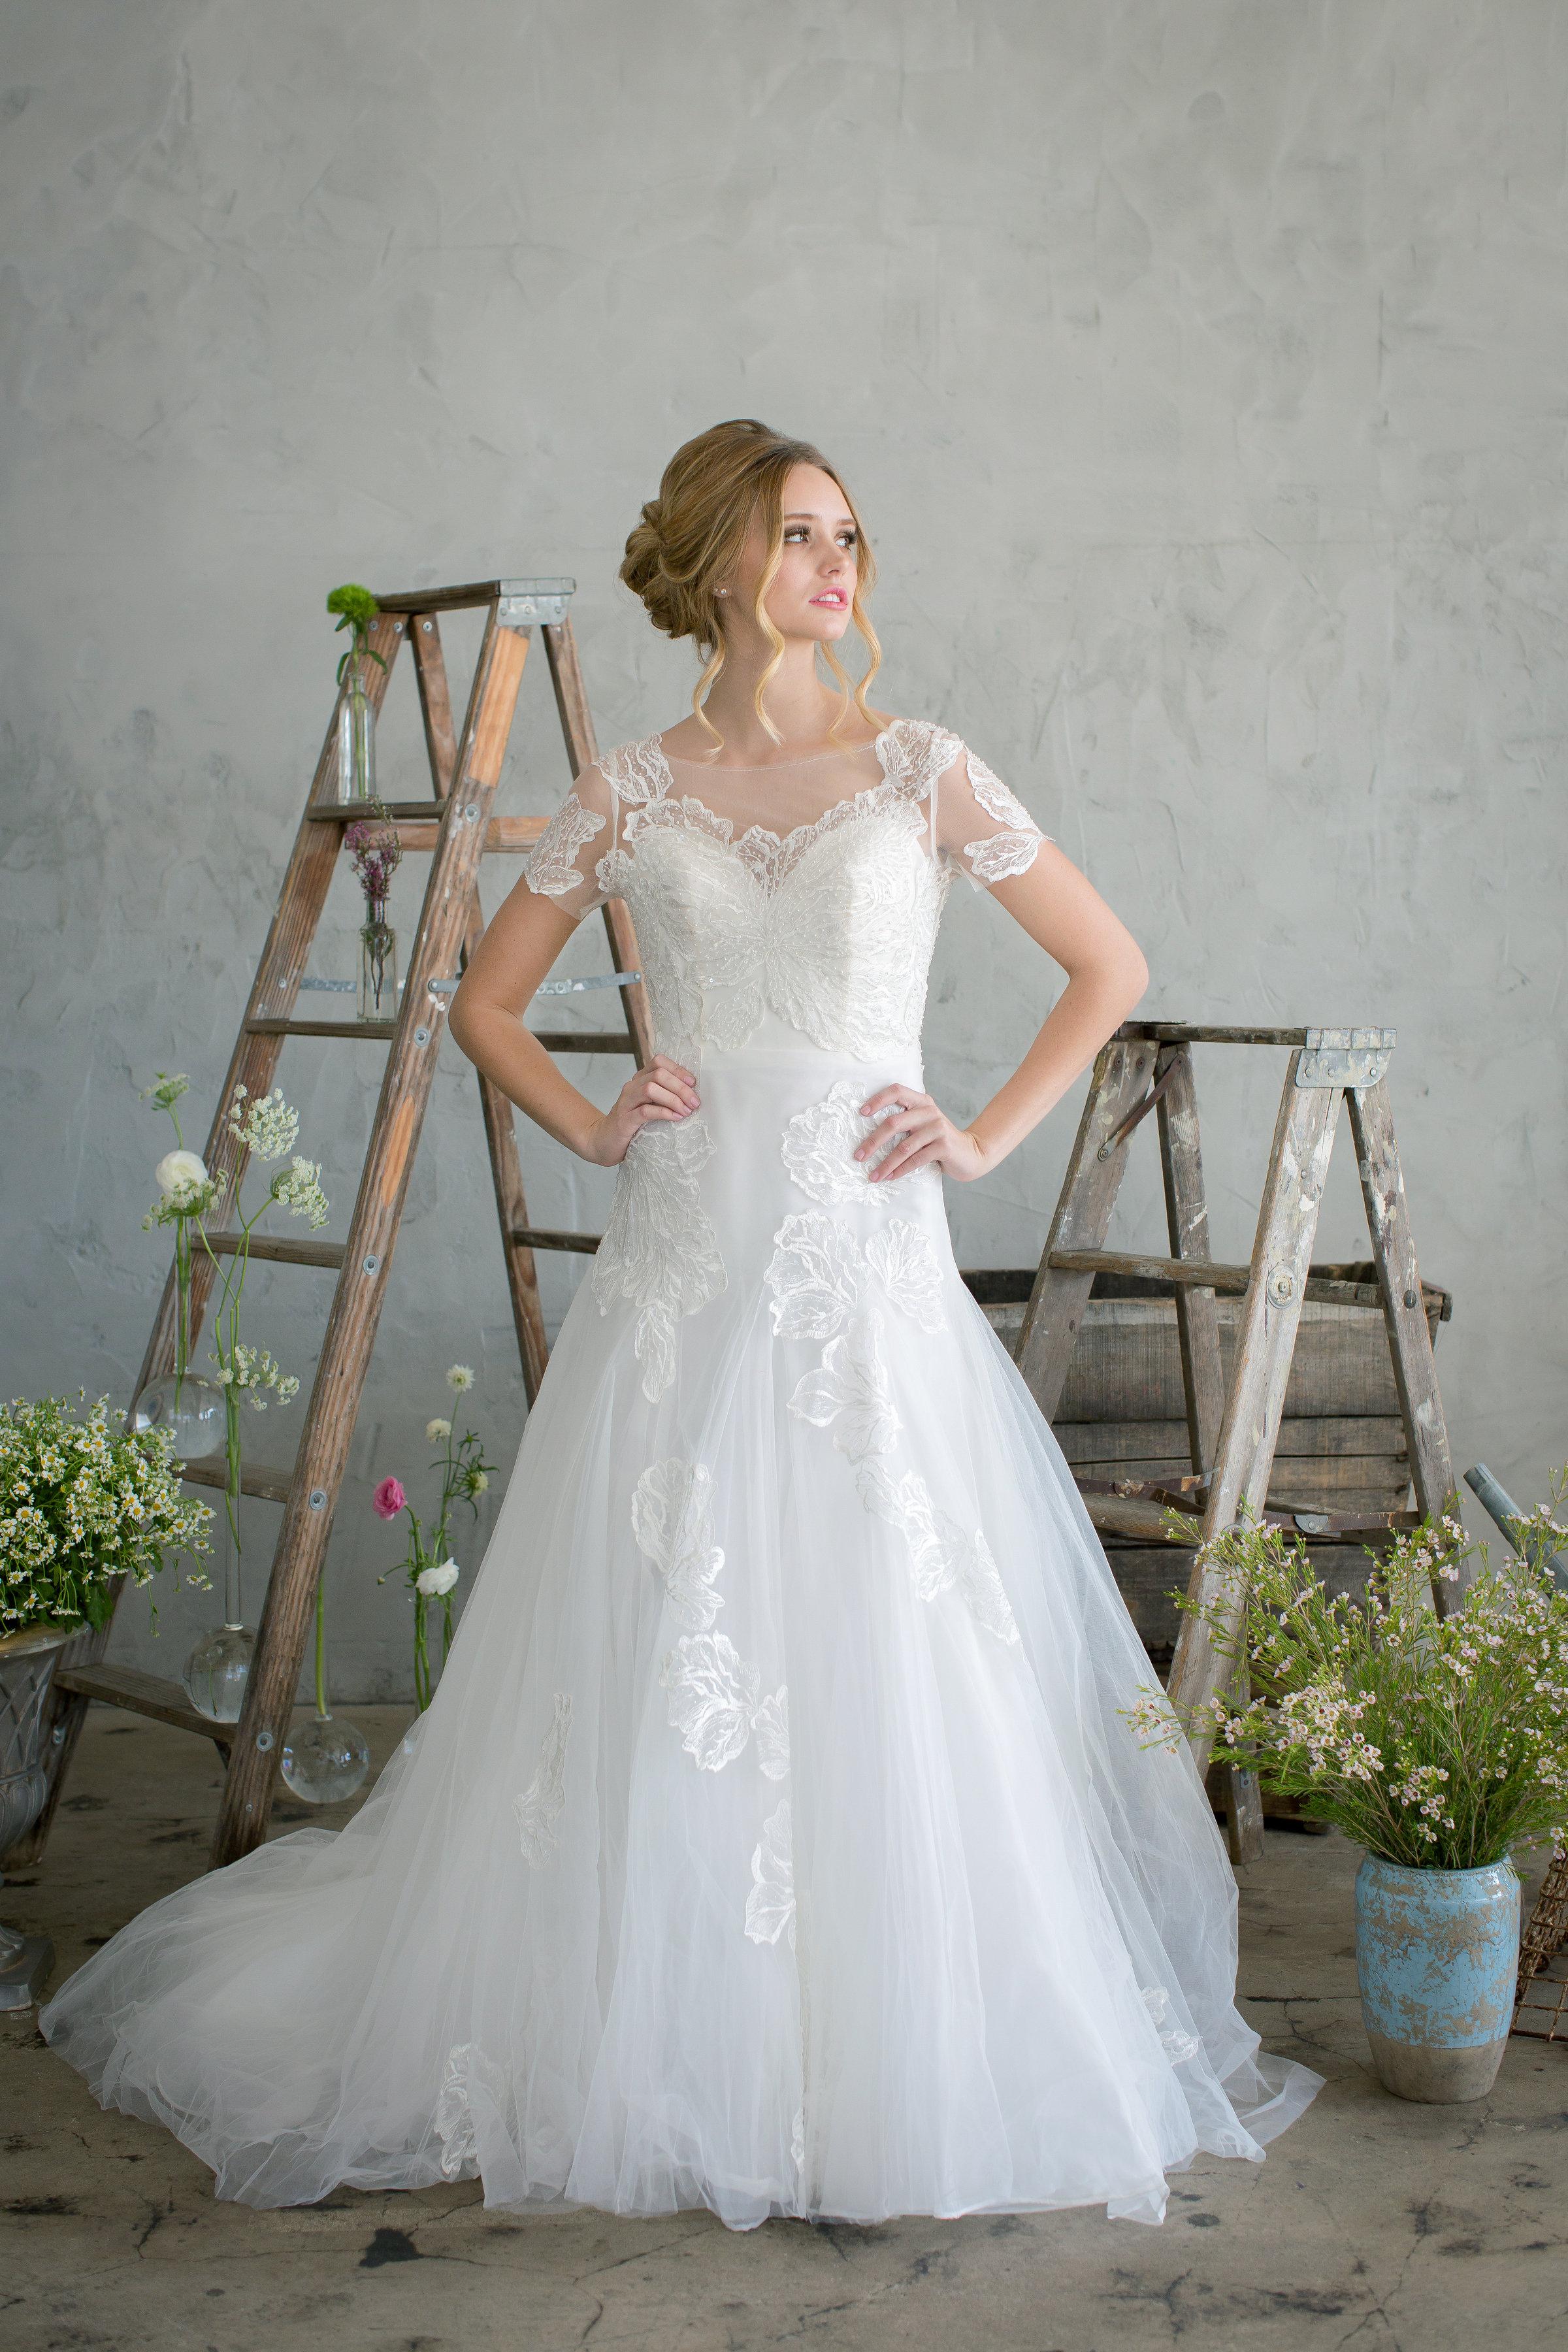 jinza bridal couture 2017 lennie cap sleeve, dropped waist, soft lace applique